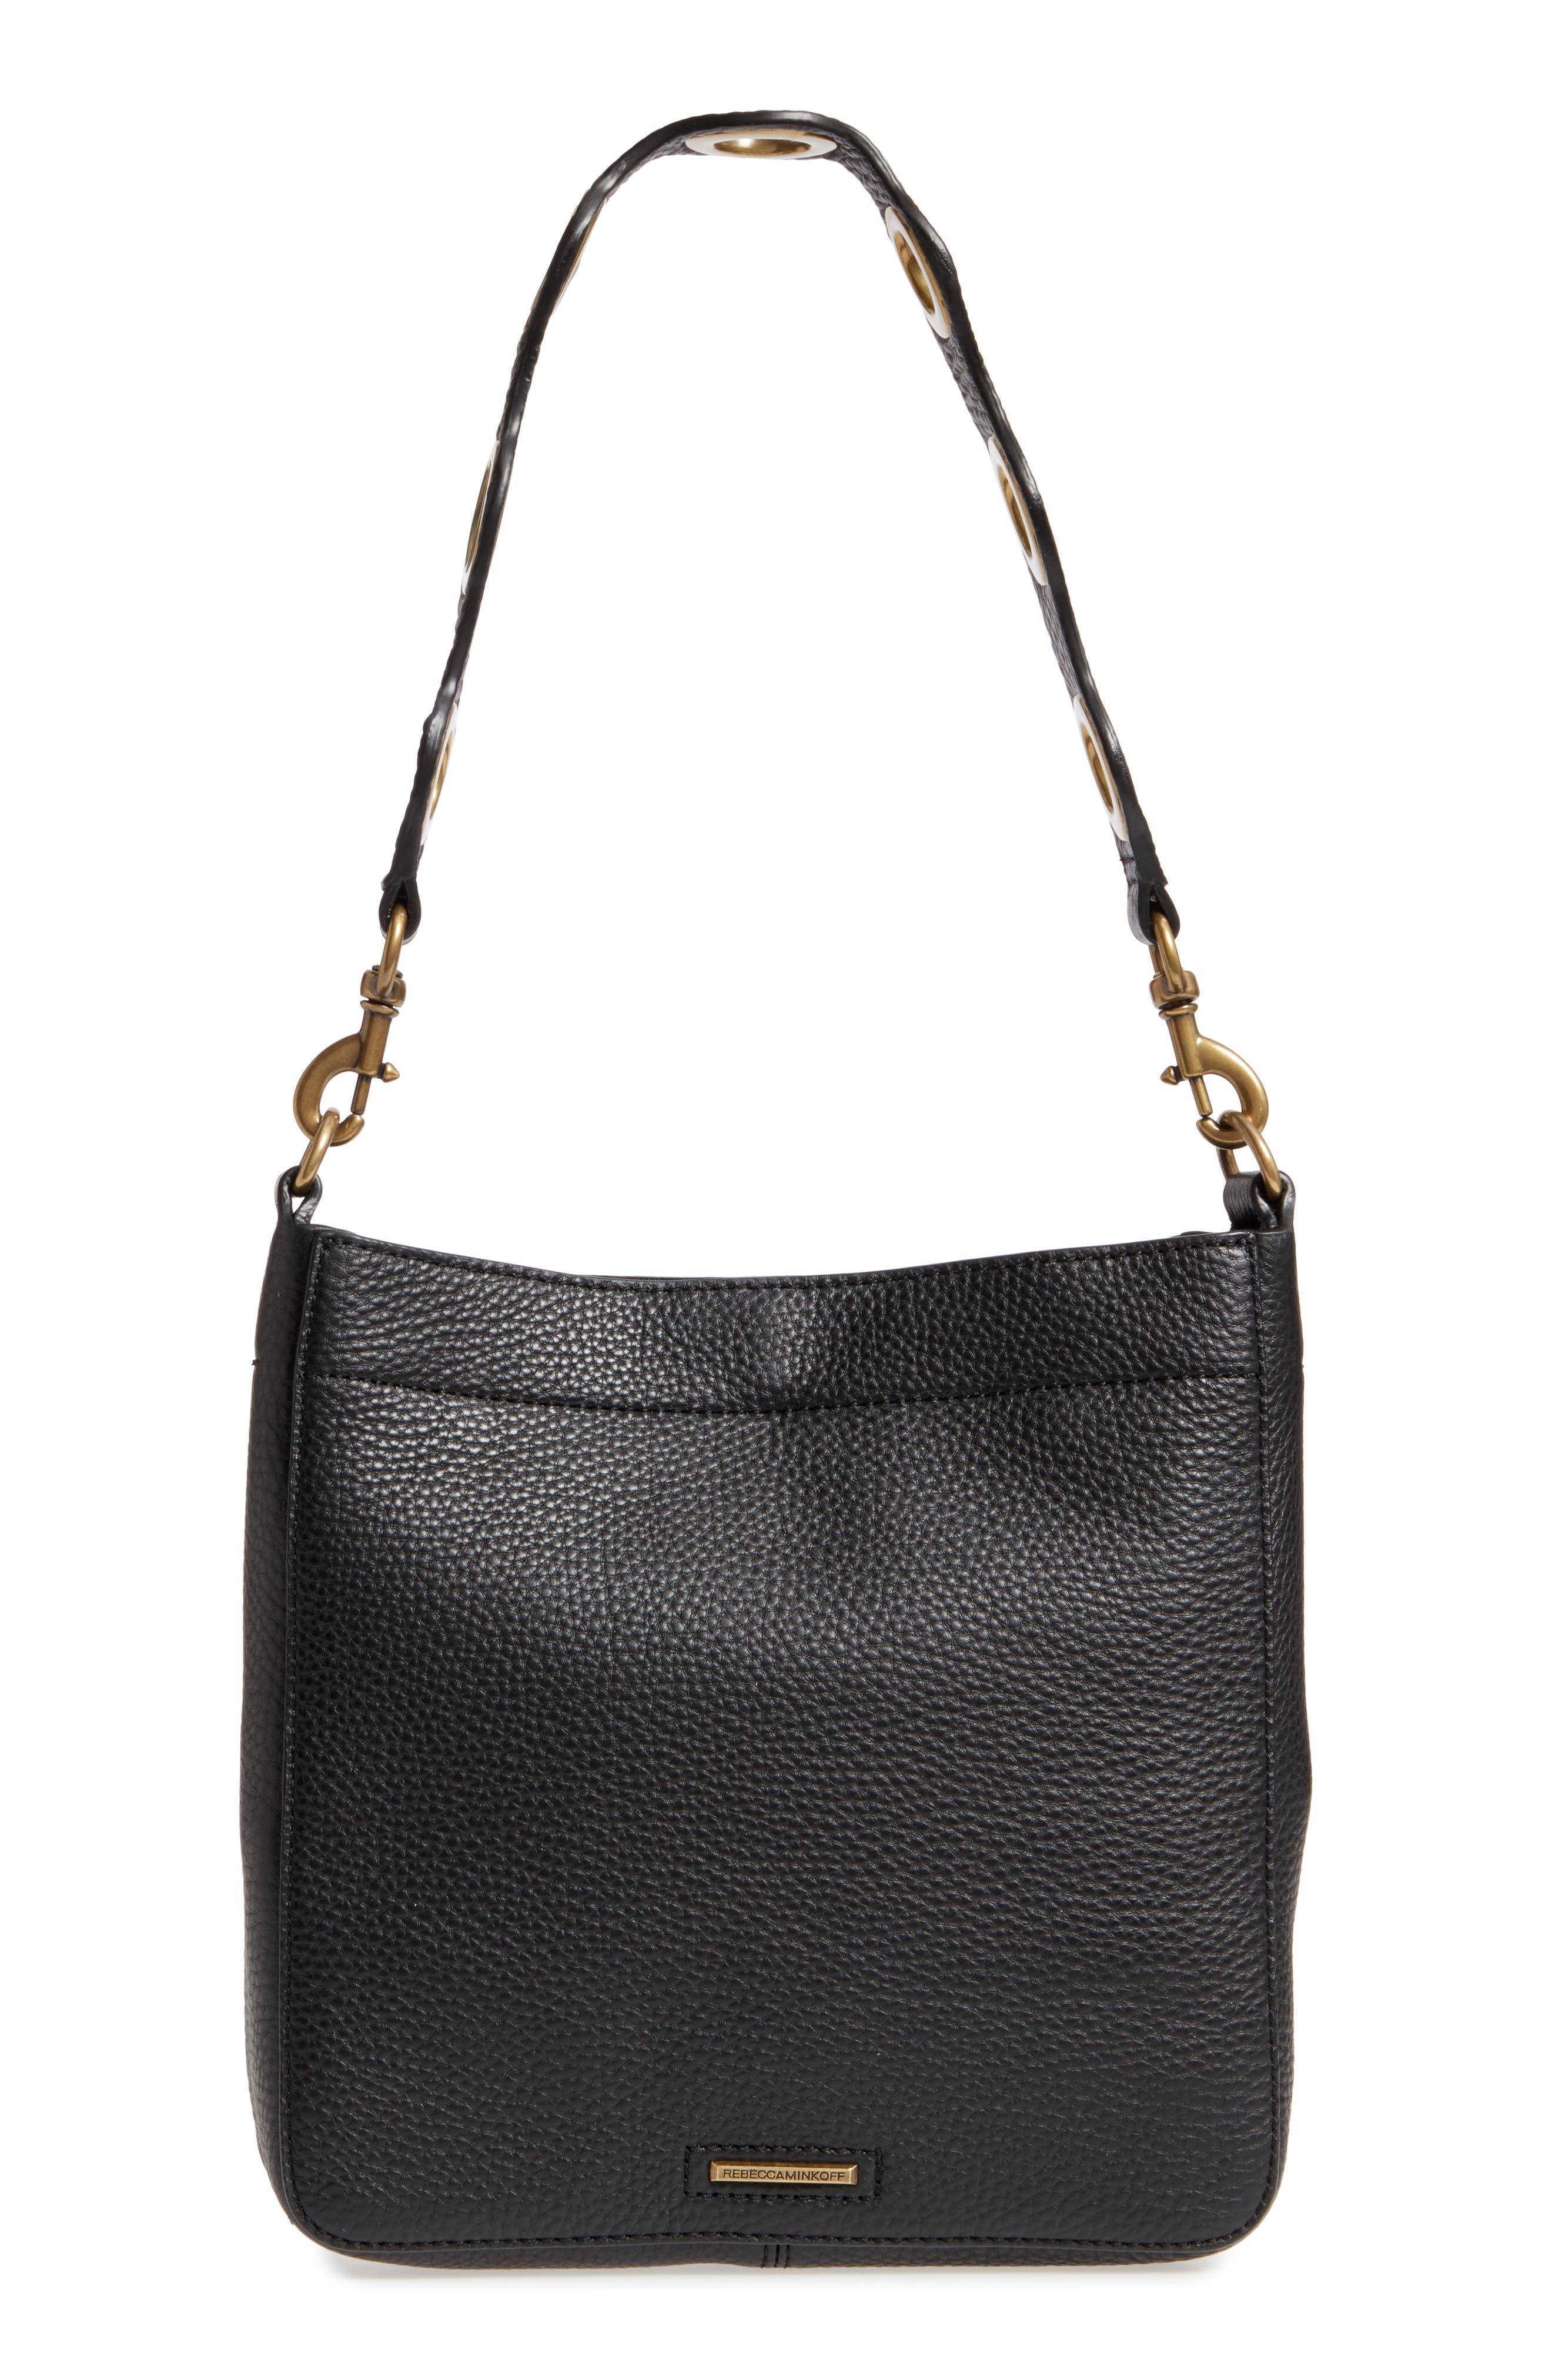 de5a12654 REBECCA MINKOFF Small Darren Deerskin Leather Feed Bag - Black ...